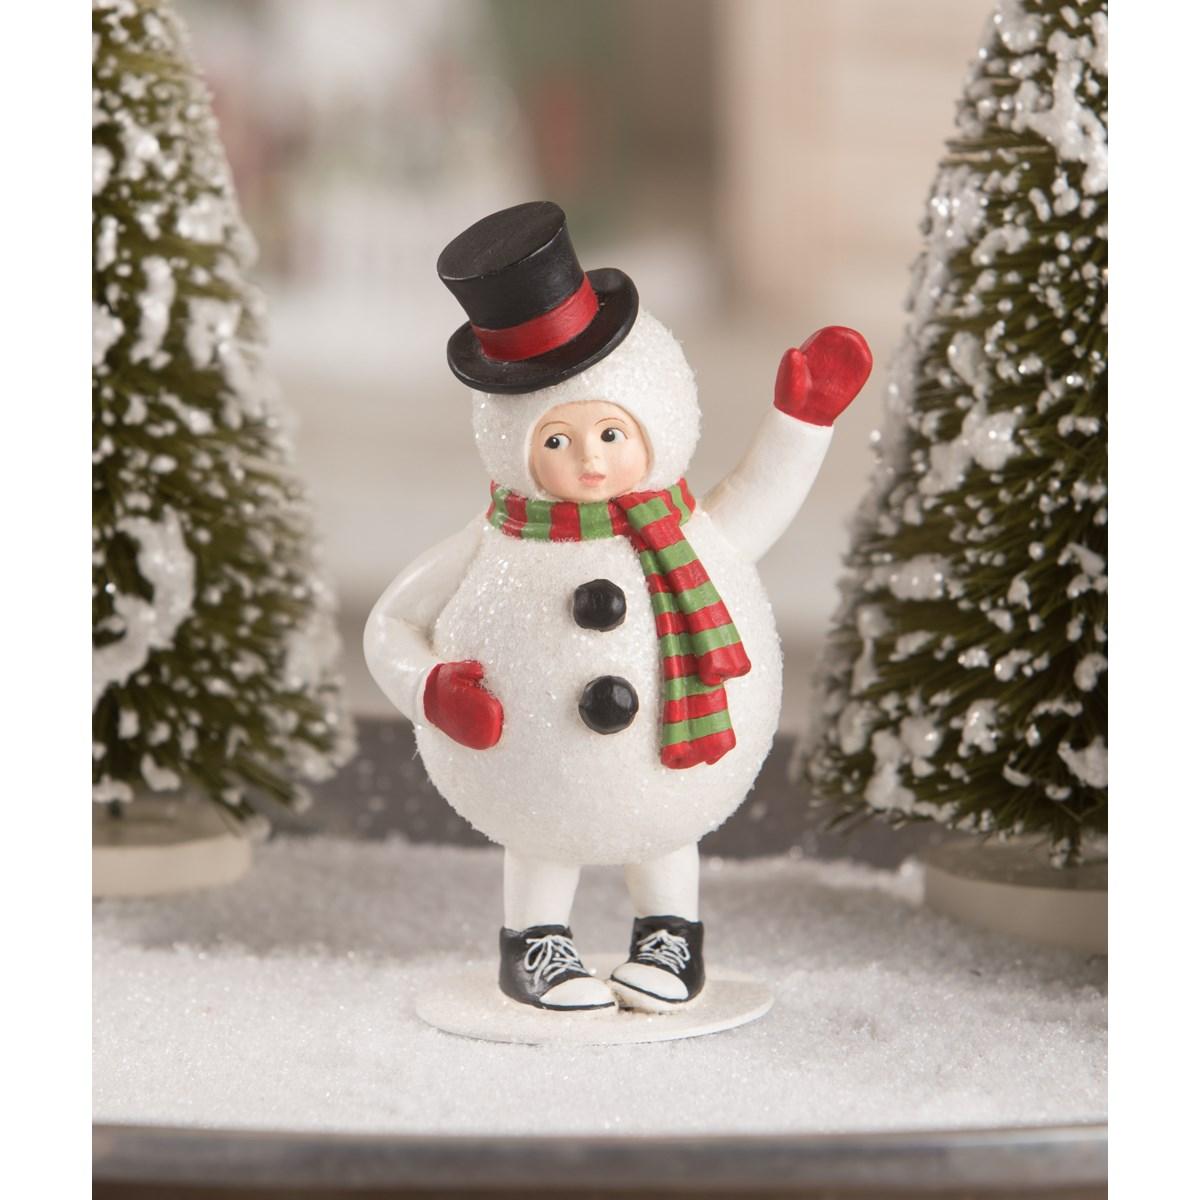 Sammy the Snowman